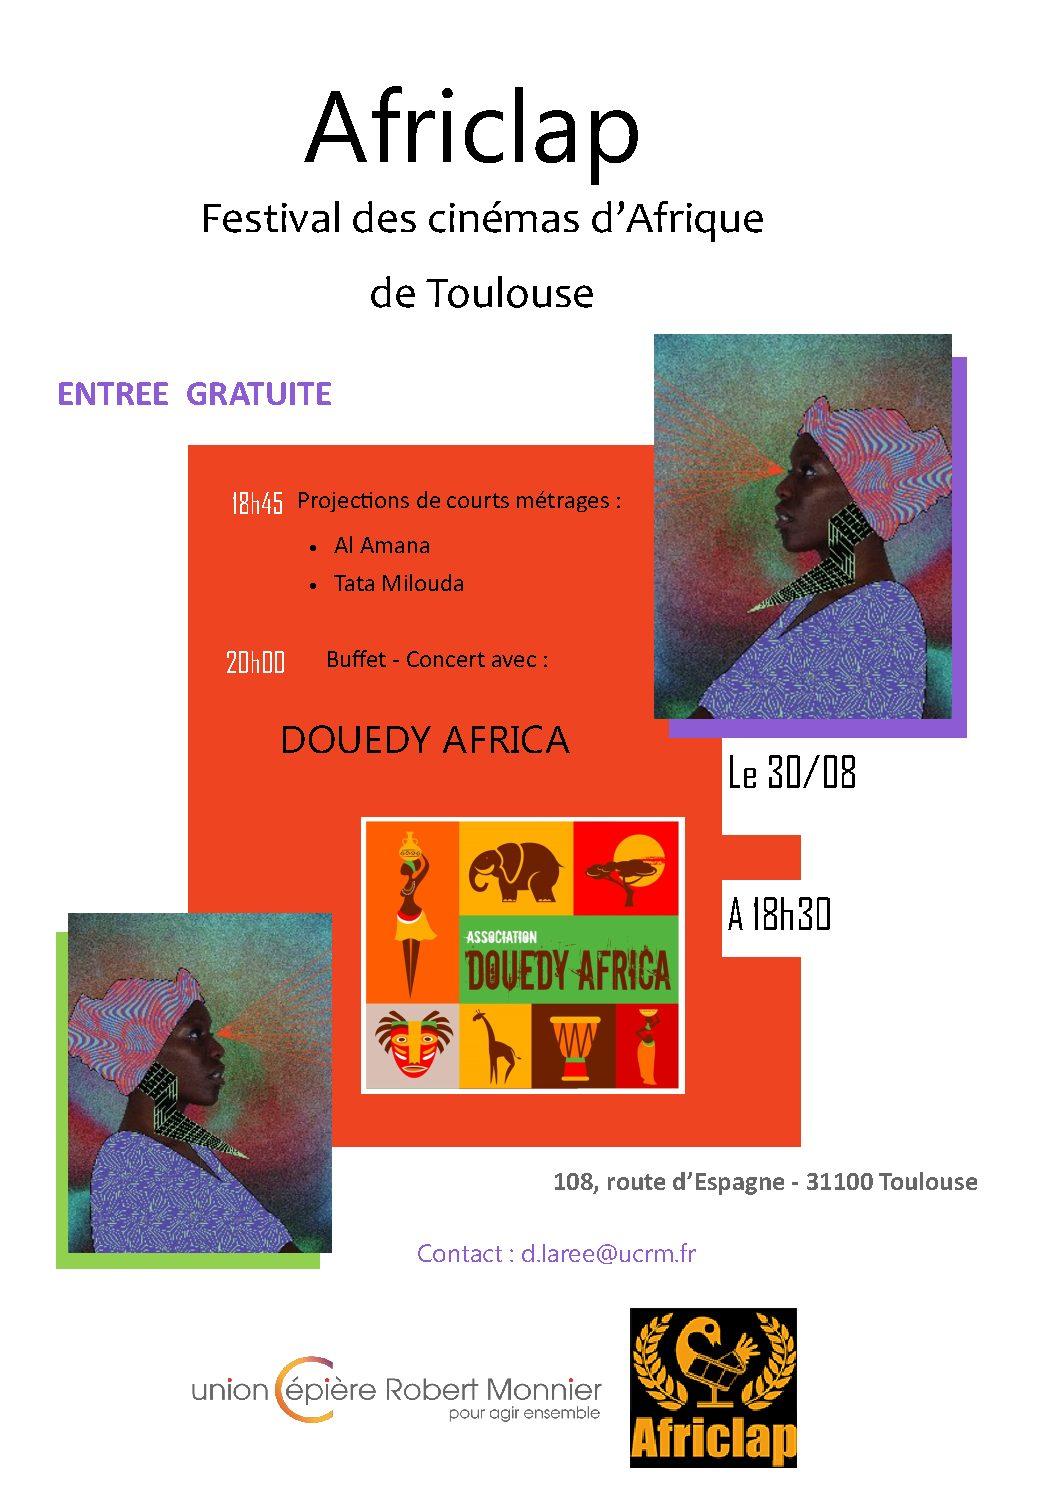 AFRICLAP: Festival des cinémas d'Afrique de Toulouse